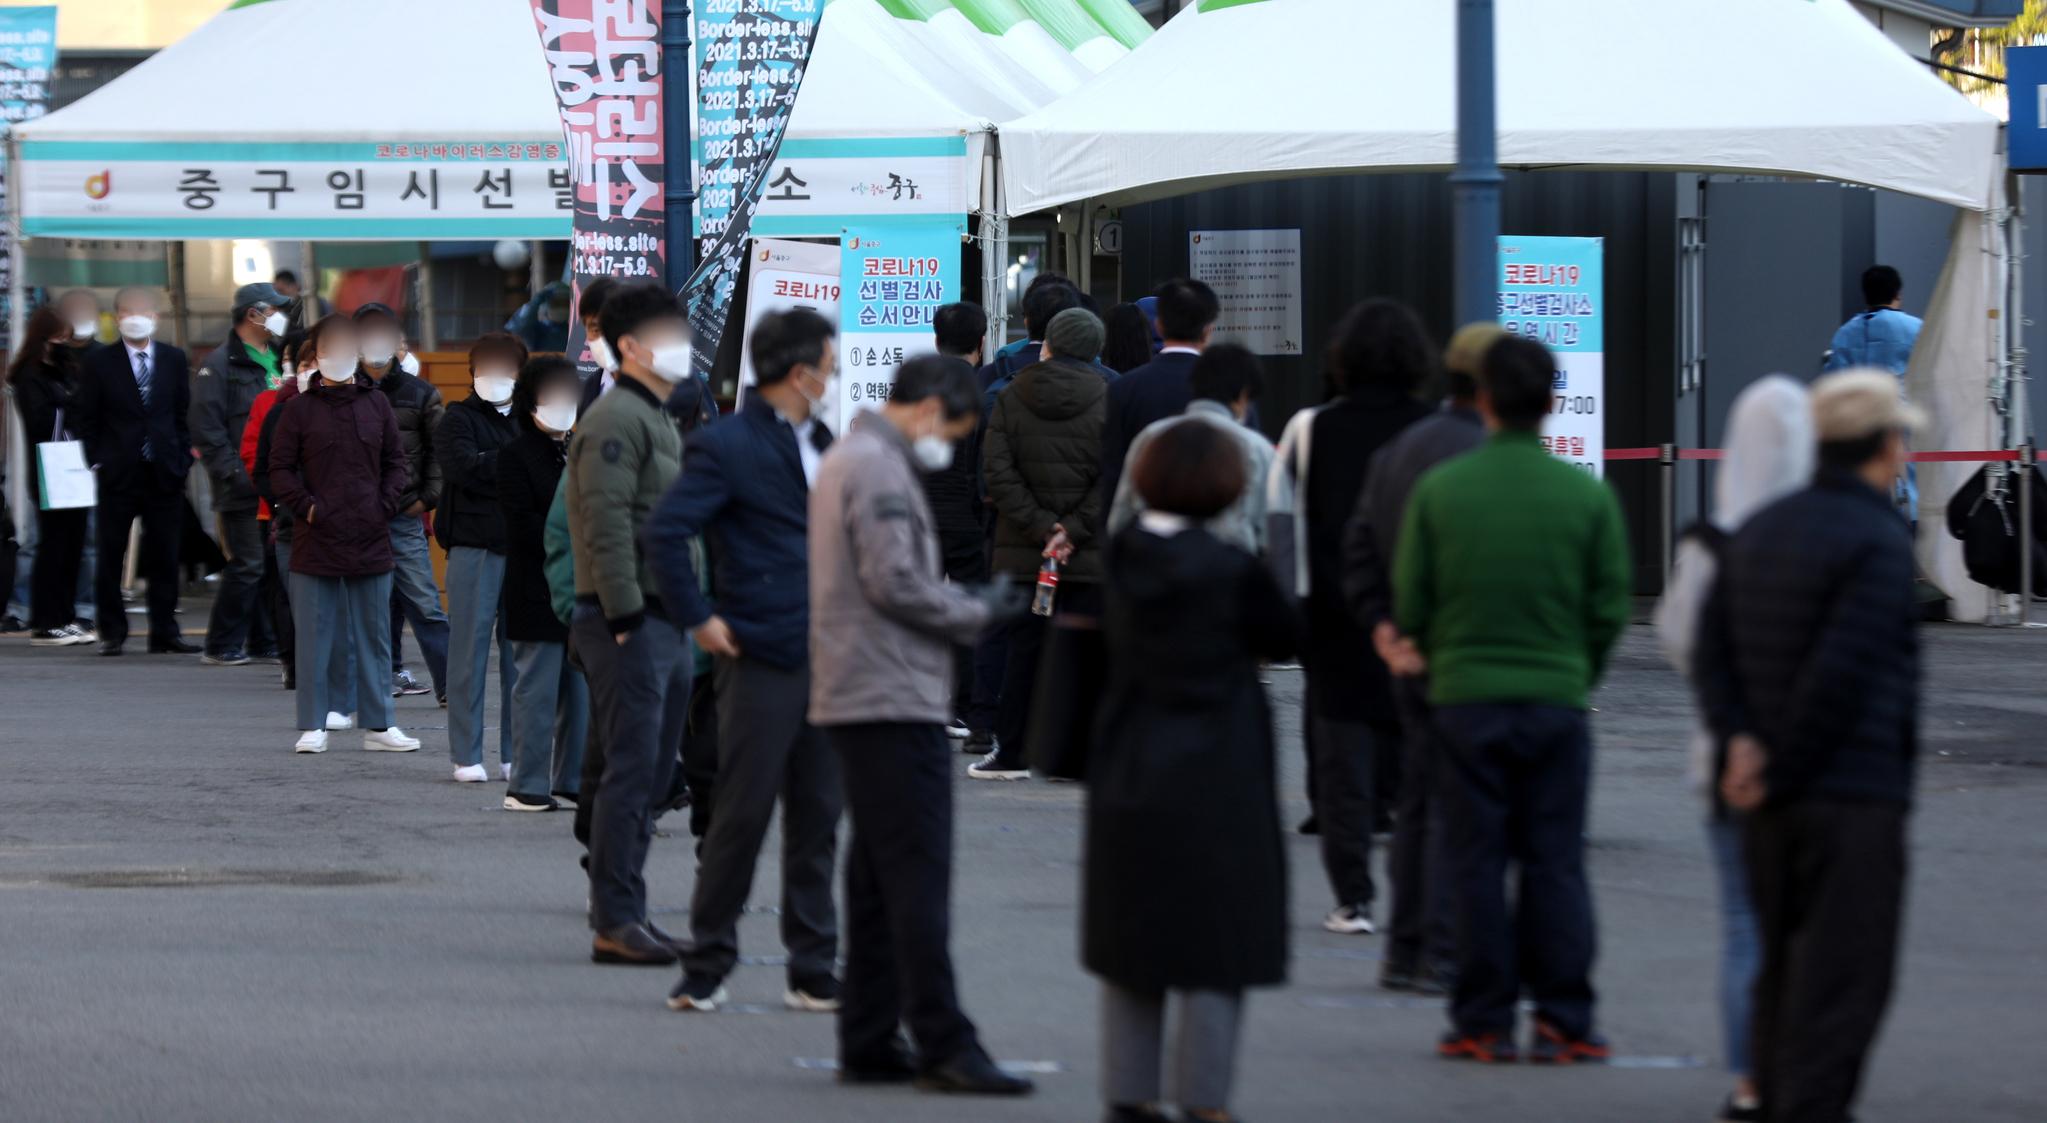 5일 서울 중구 서울역광장에 마련된 신종 코로나바이러스 감염증(코로나19) 임시선별진료소에서 시민들이 검사를 기다리고 있다.  질병관리청 중앙방역대책본부는 이날 0시 기준 코로나19 신규 확진자가 473명 발생했다고 밝혔다. 뉴스1